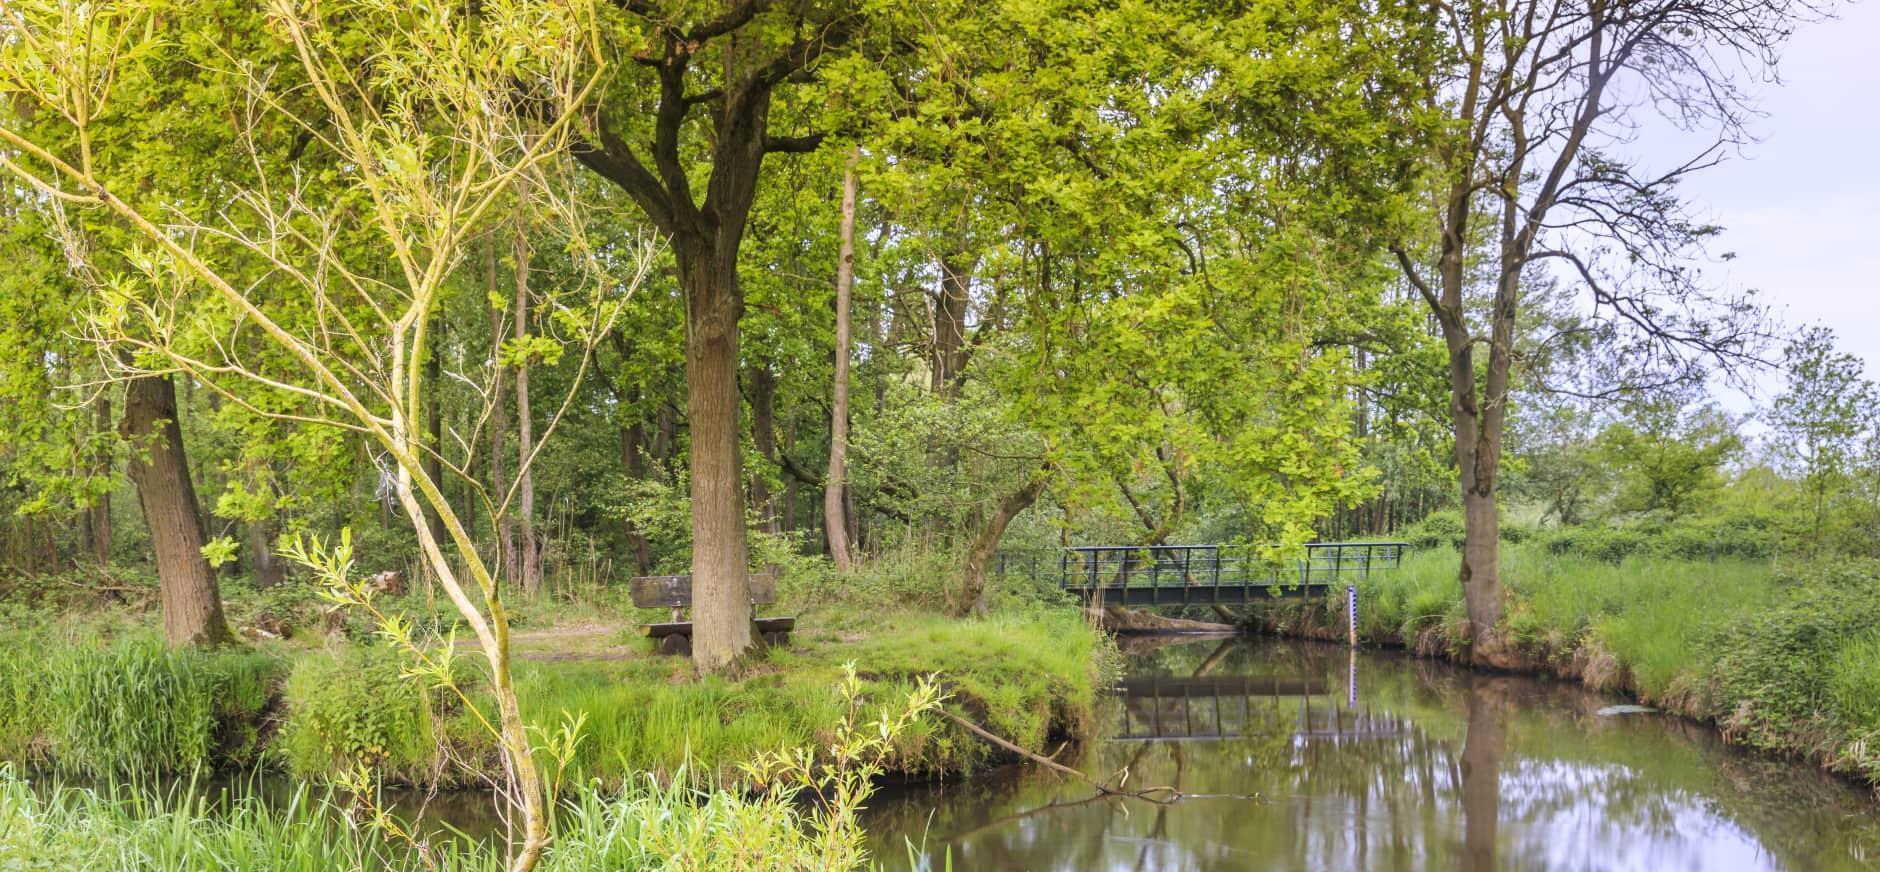 Boswachters op safari in Eindhoven, Veldhoven, Waalre en Valkenswaard